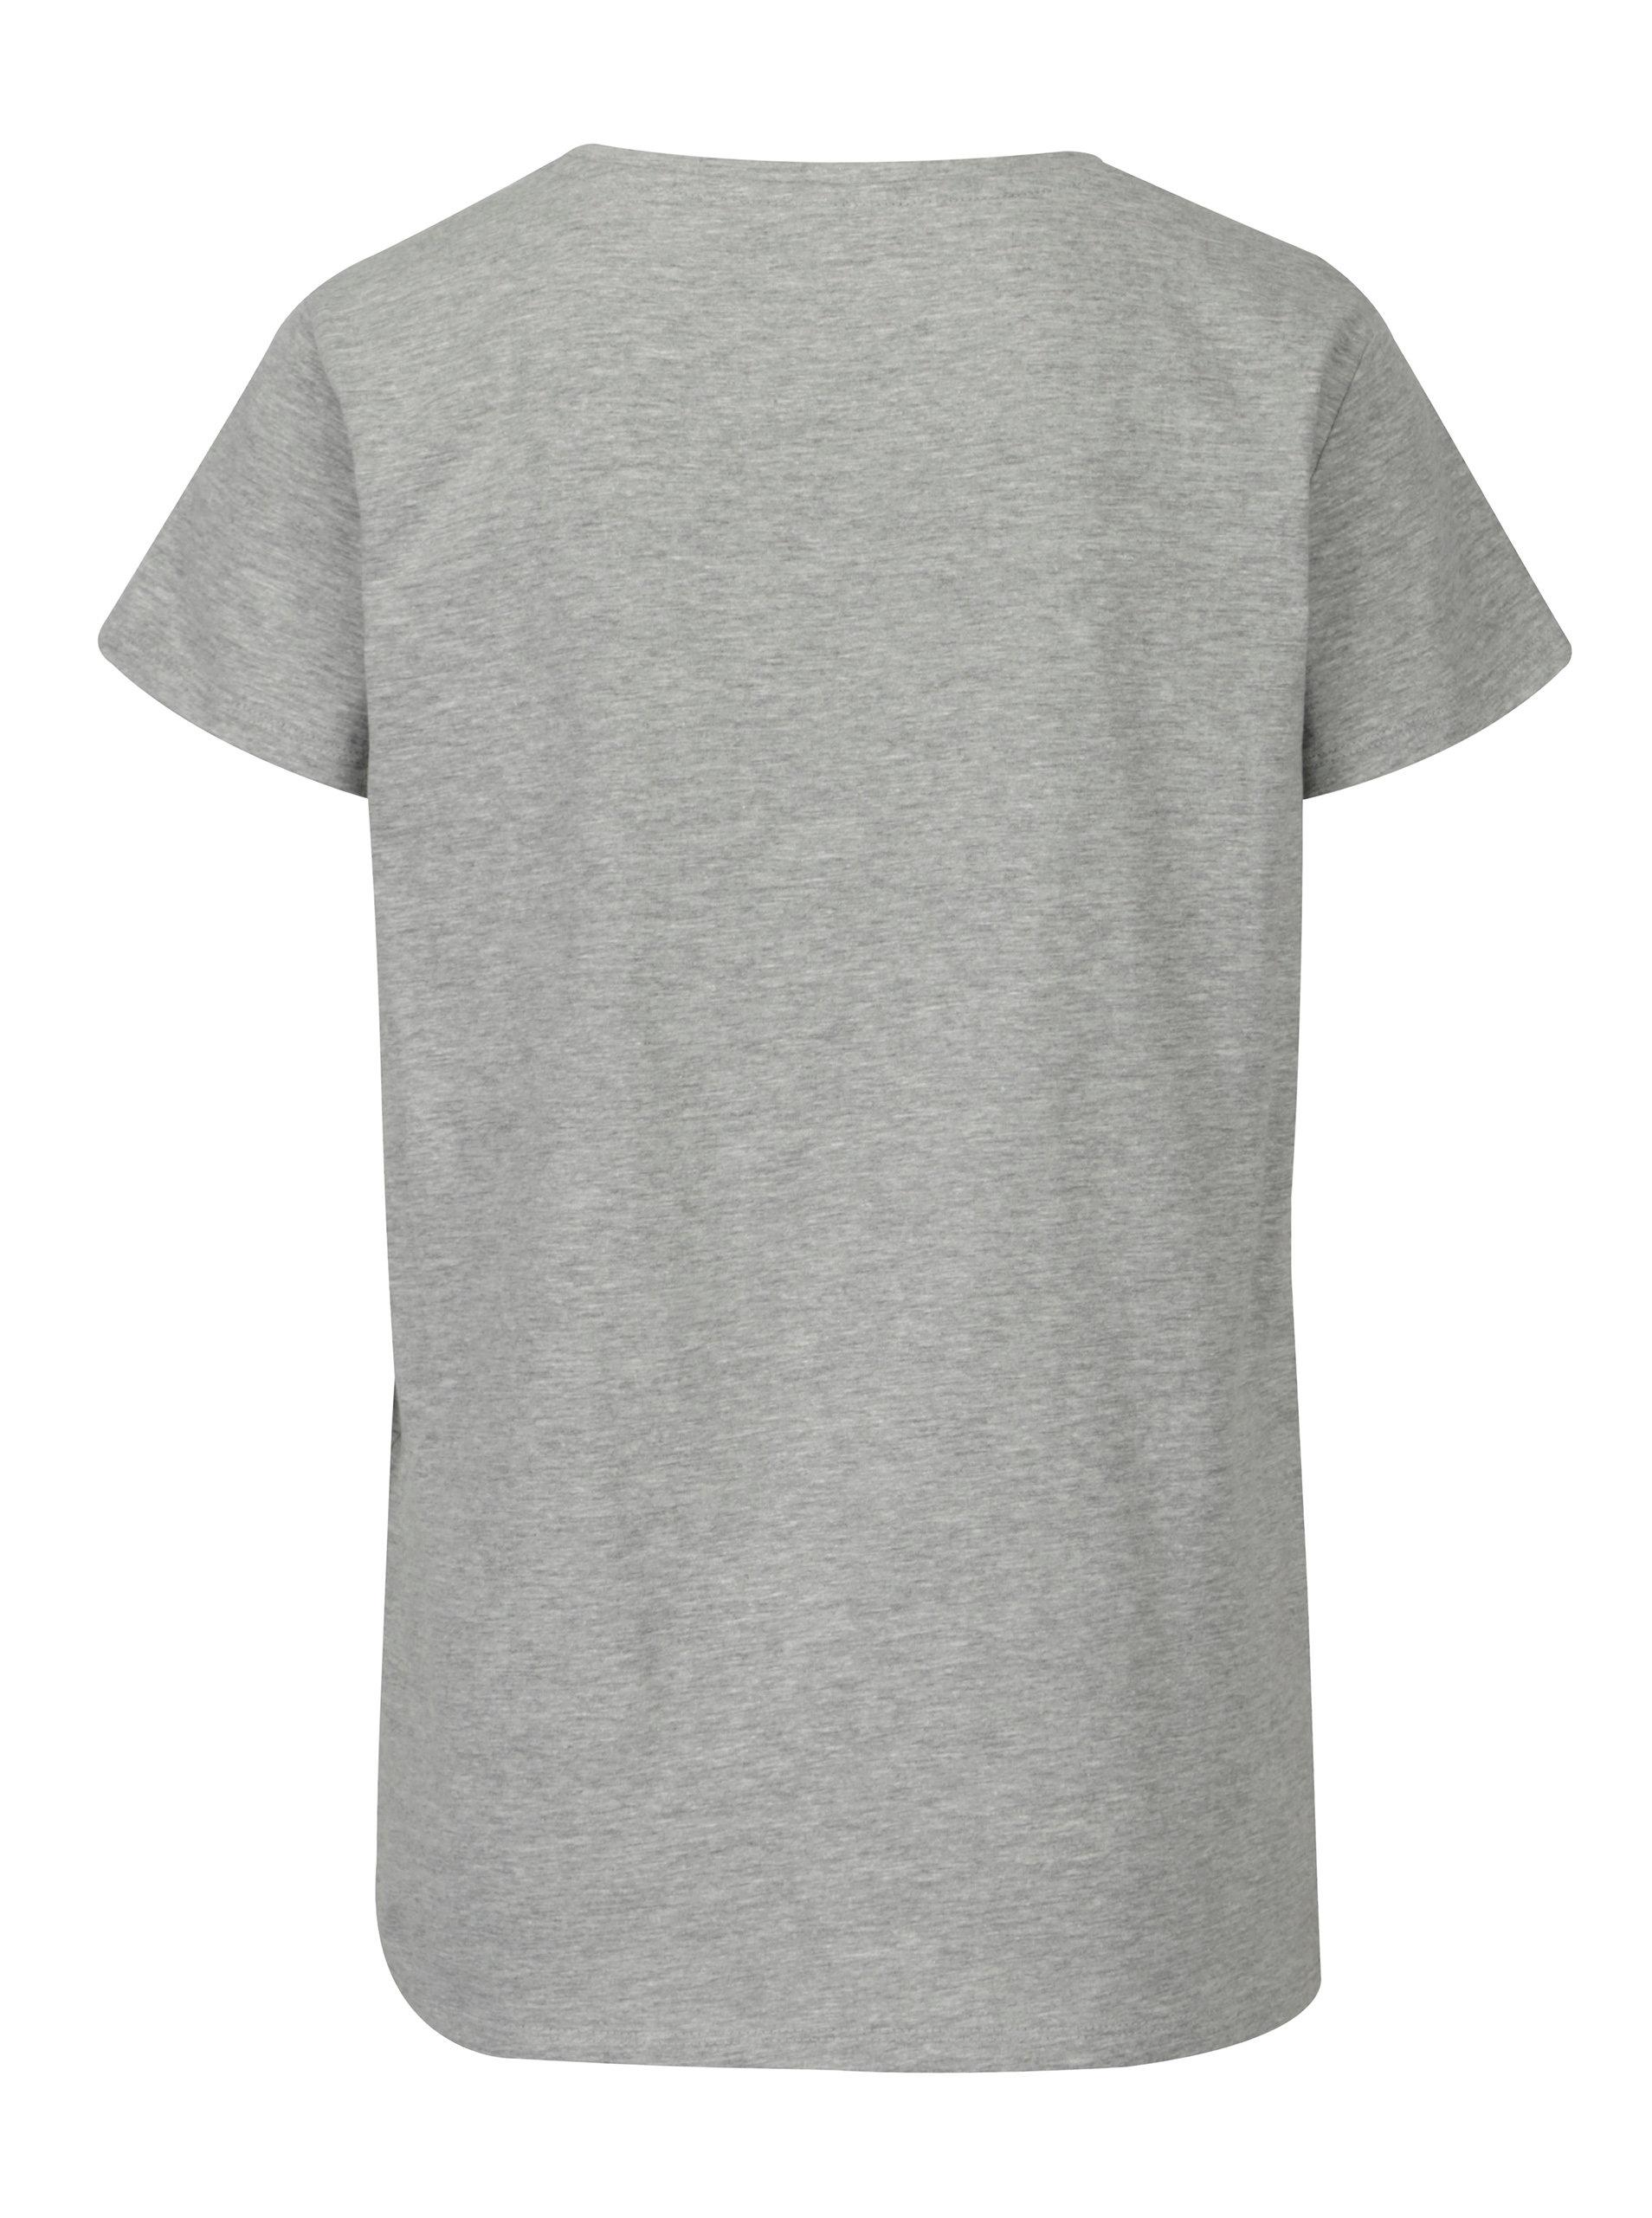 Šedé žíhané volné tričko s potiskem Jacqueline de Yong New Sky ... e65405f52b